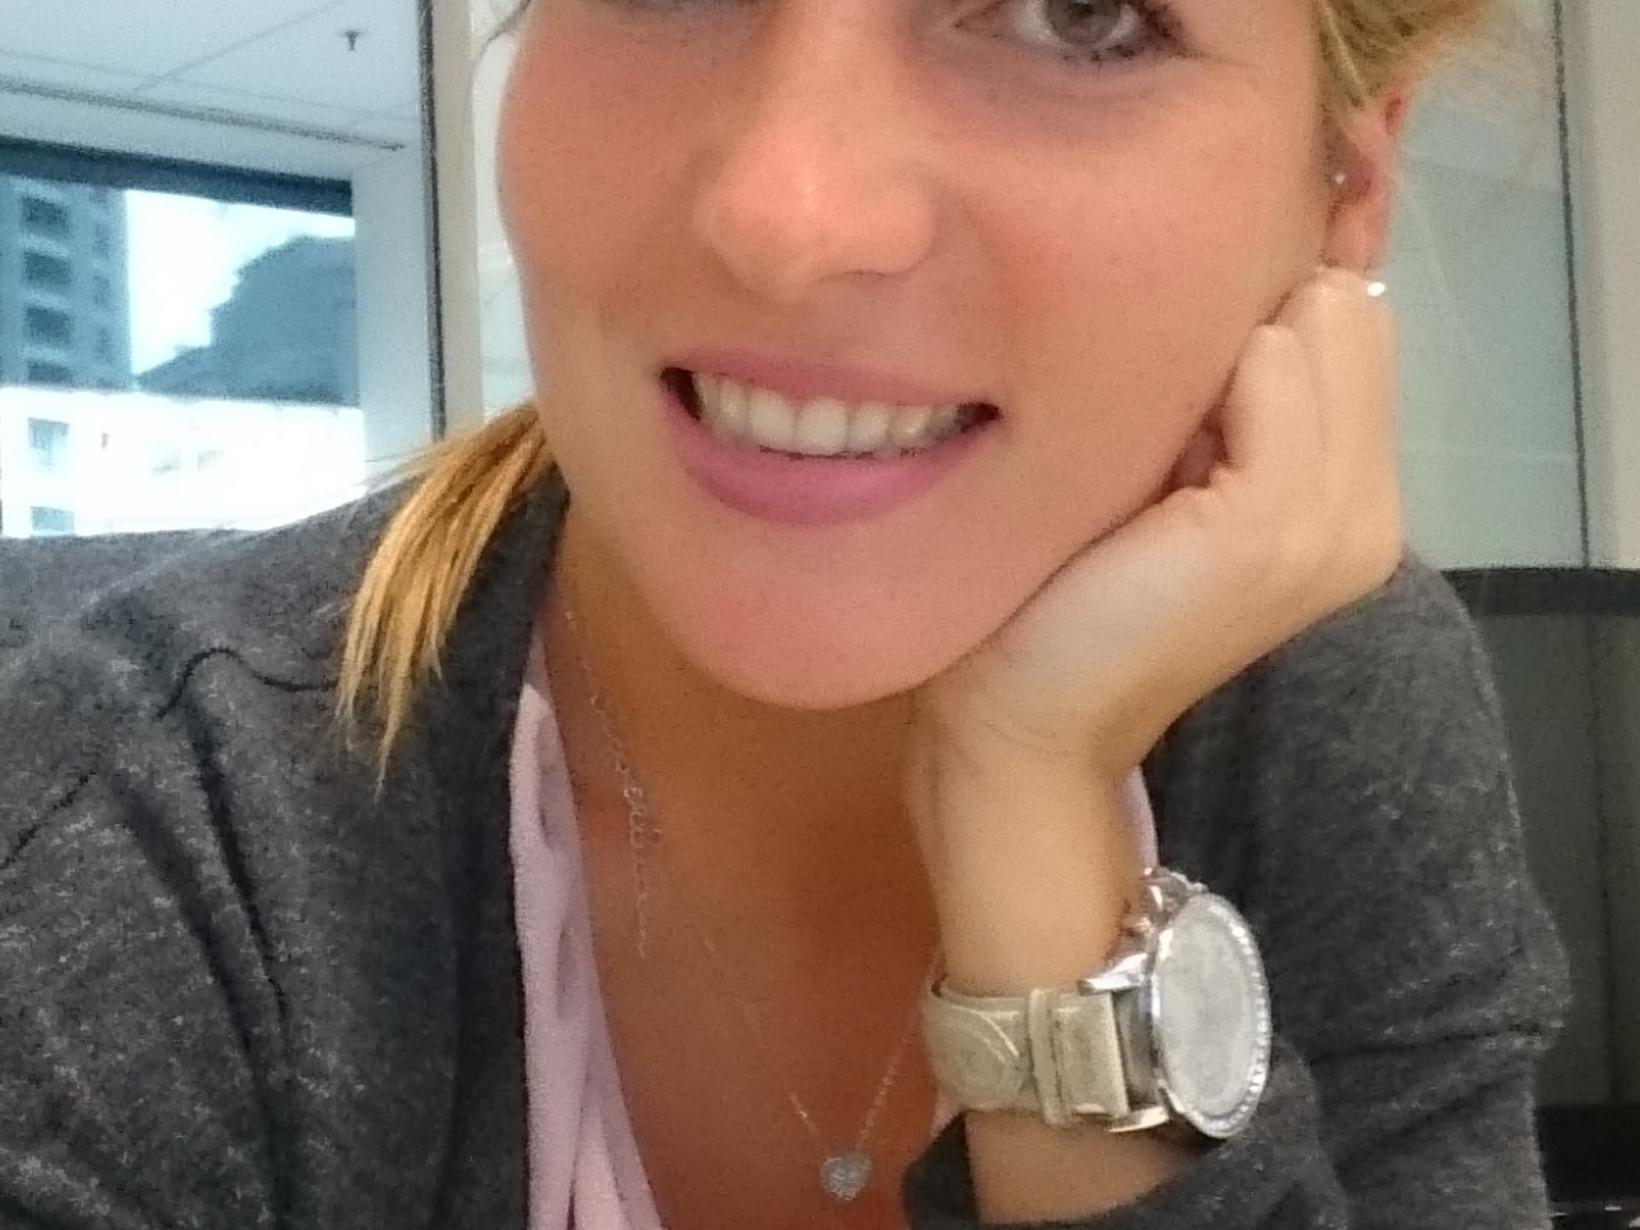 Saskia from Hannover, Germany